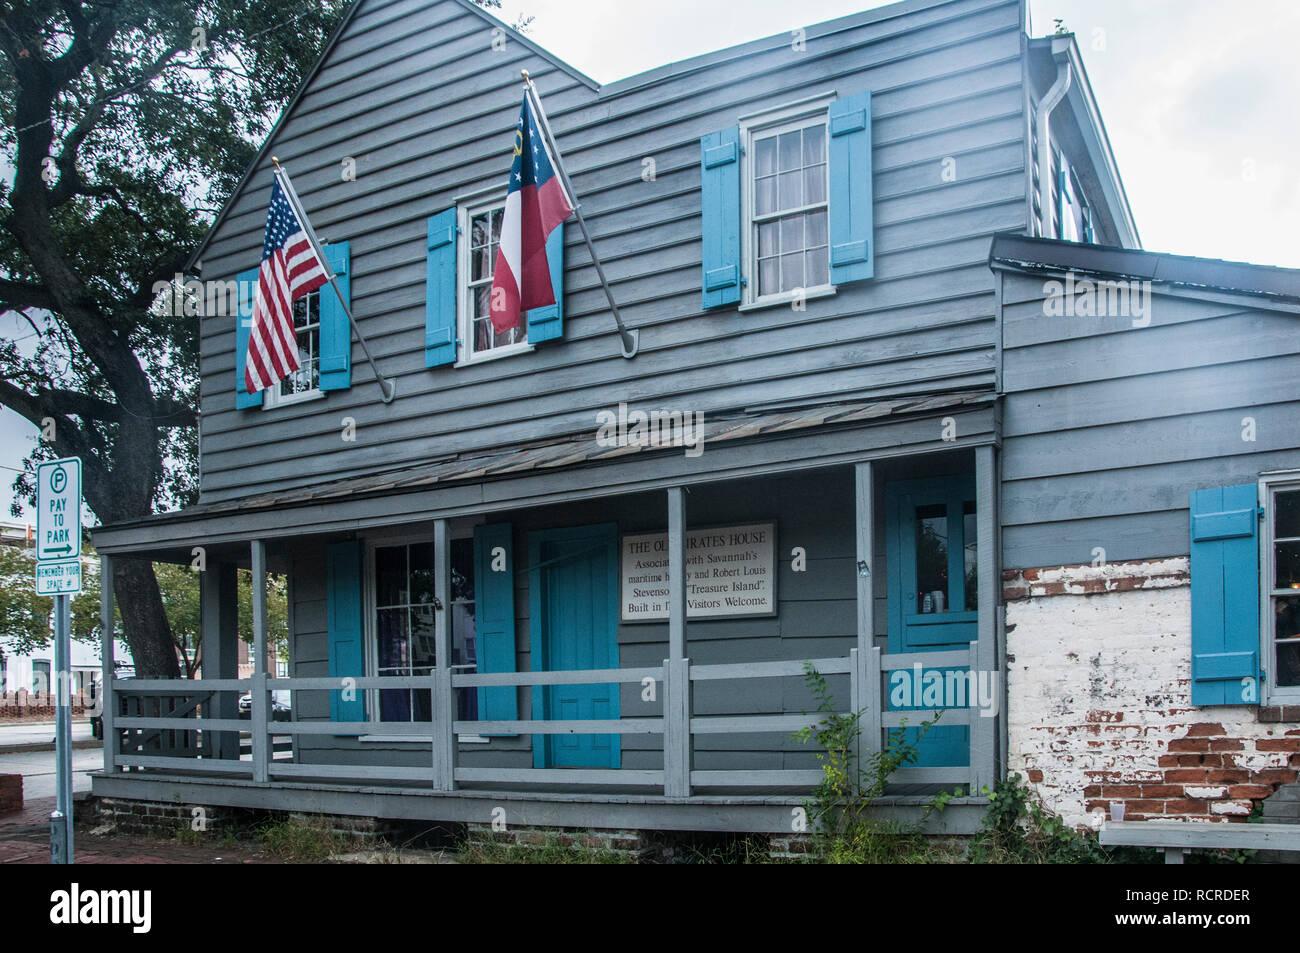 Die alten Piraten Haus war ursprünglich ein Gasthaus für Segler und Termine bis 1753 aber jetzt ist es ein Restaurant, Savannah, Georgia Stockbild